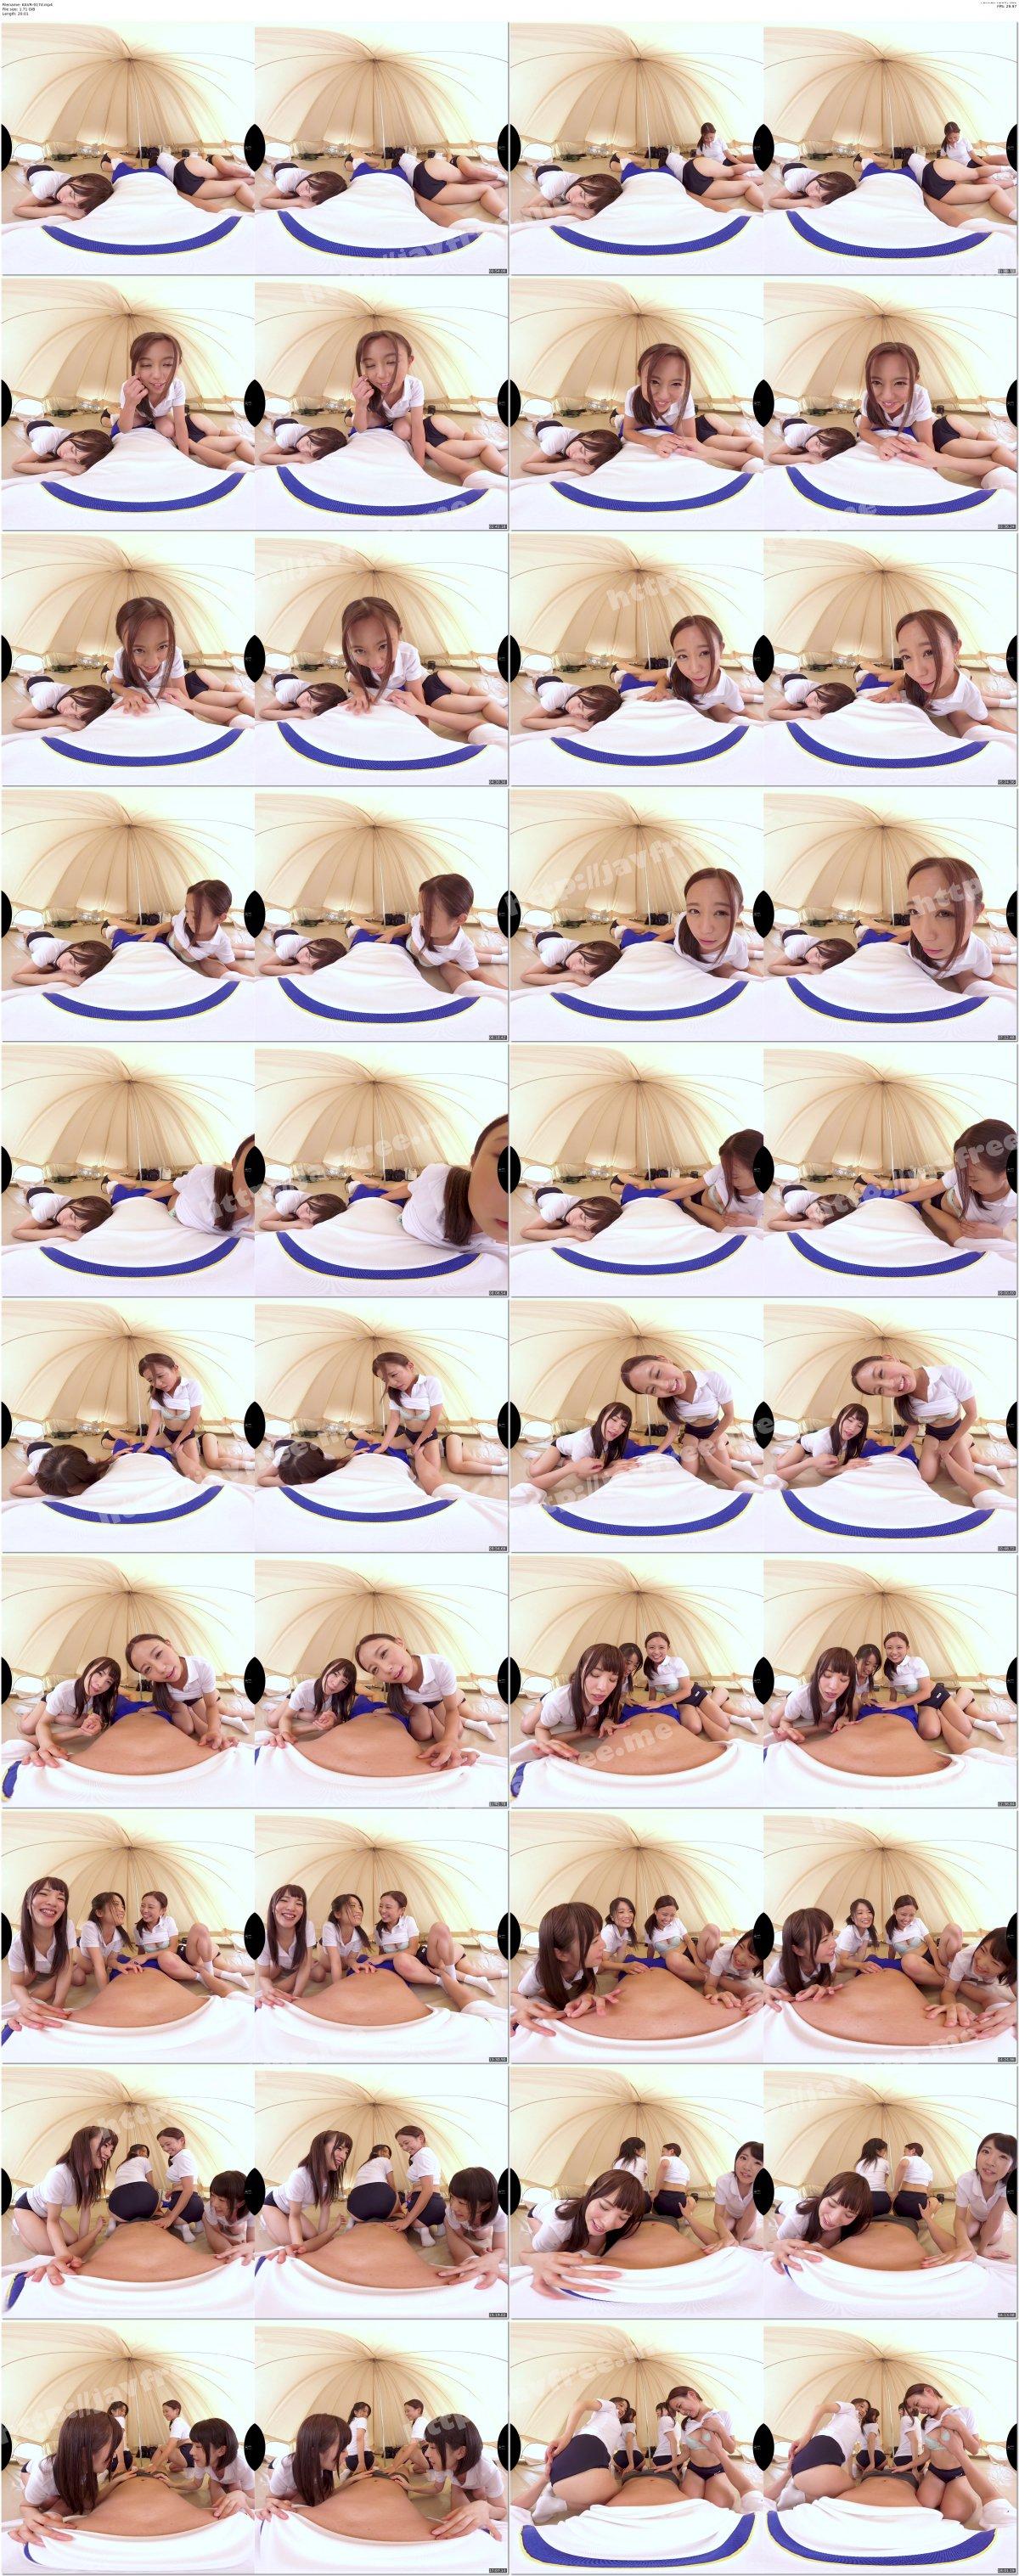 [KAVR-017] 【VR】デカ尻ブルマ女子と部活合宿VR バレー部のむっちり肉厚ヒップを超堪能!ド迫力ハーレムSEX体験 - image KAVR-017d on https://javfree.me